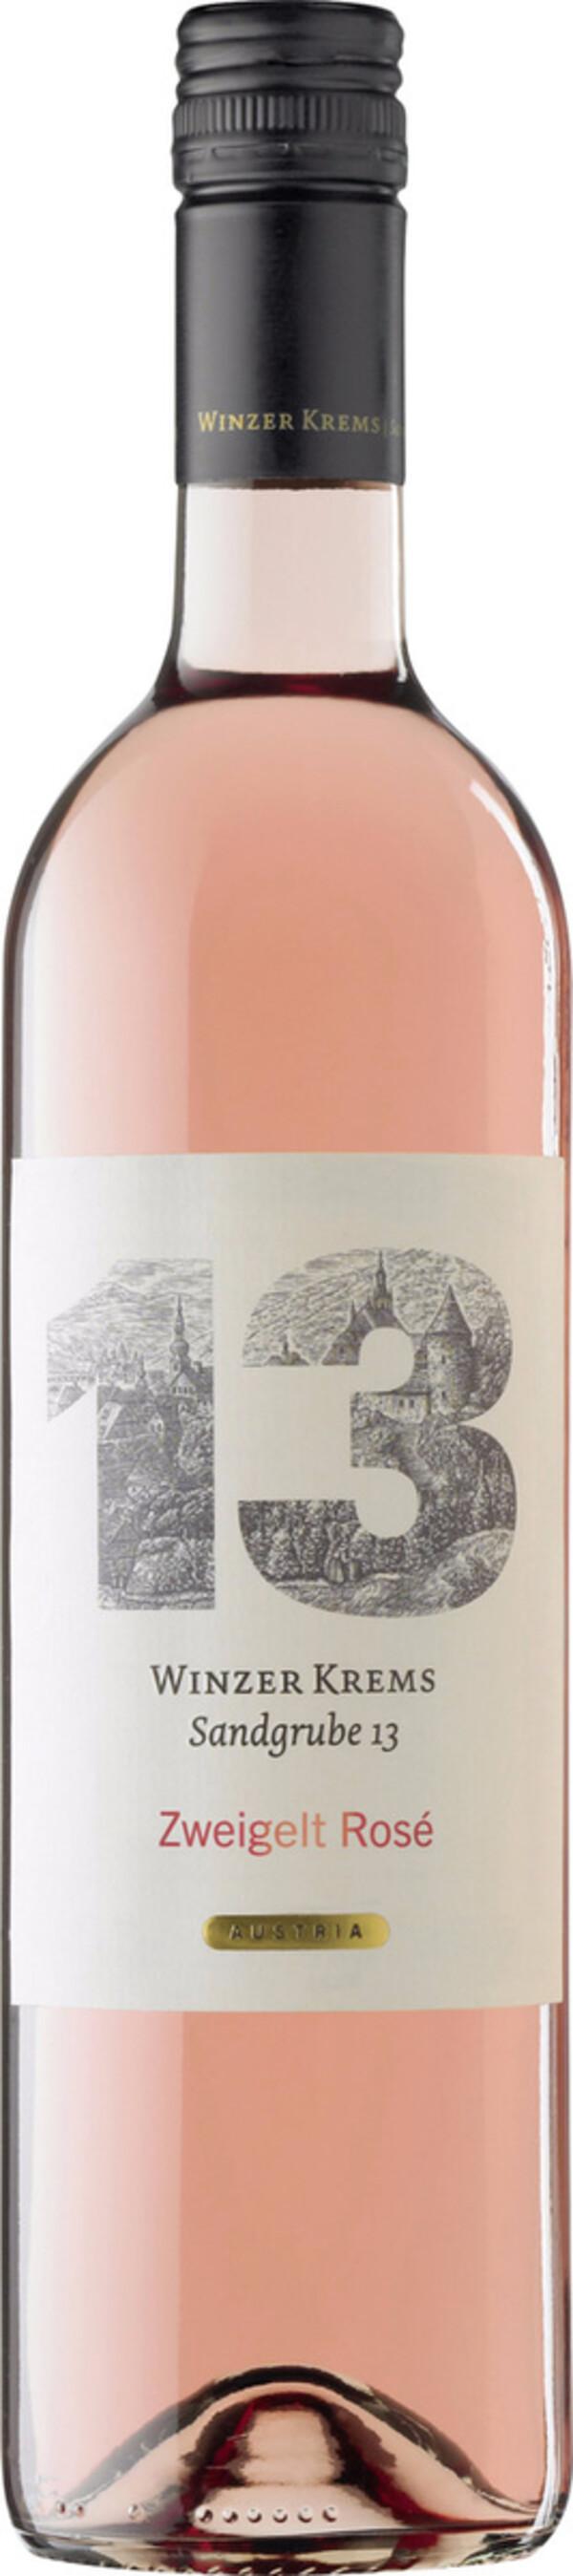 Winzer Krems Sandgrube 13 Zweigelt Rosé 2019 0,75 ltr